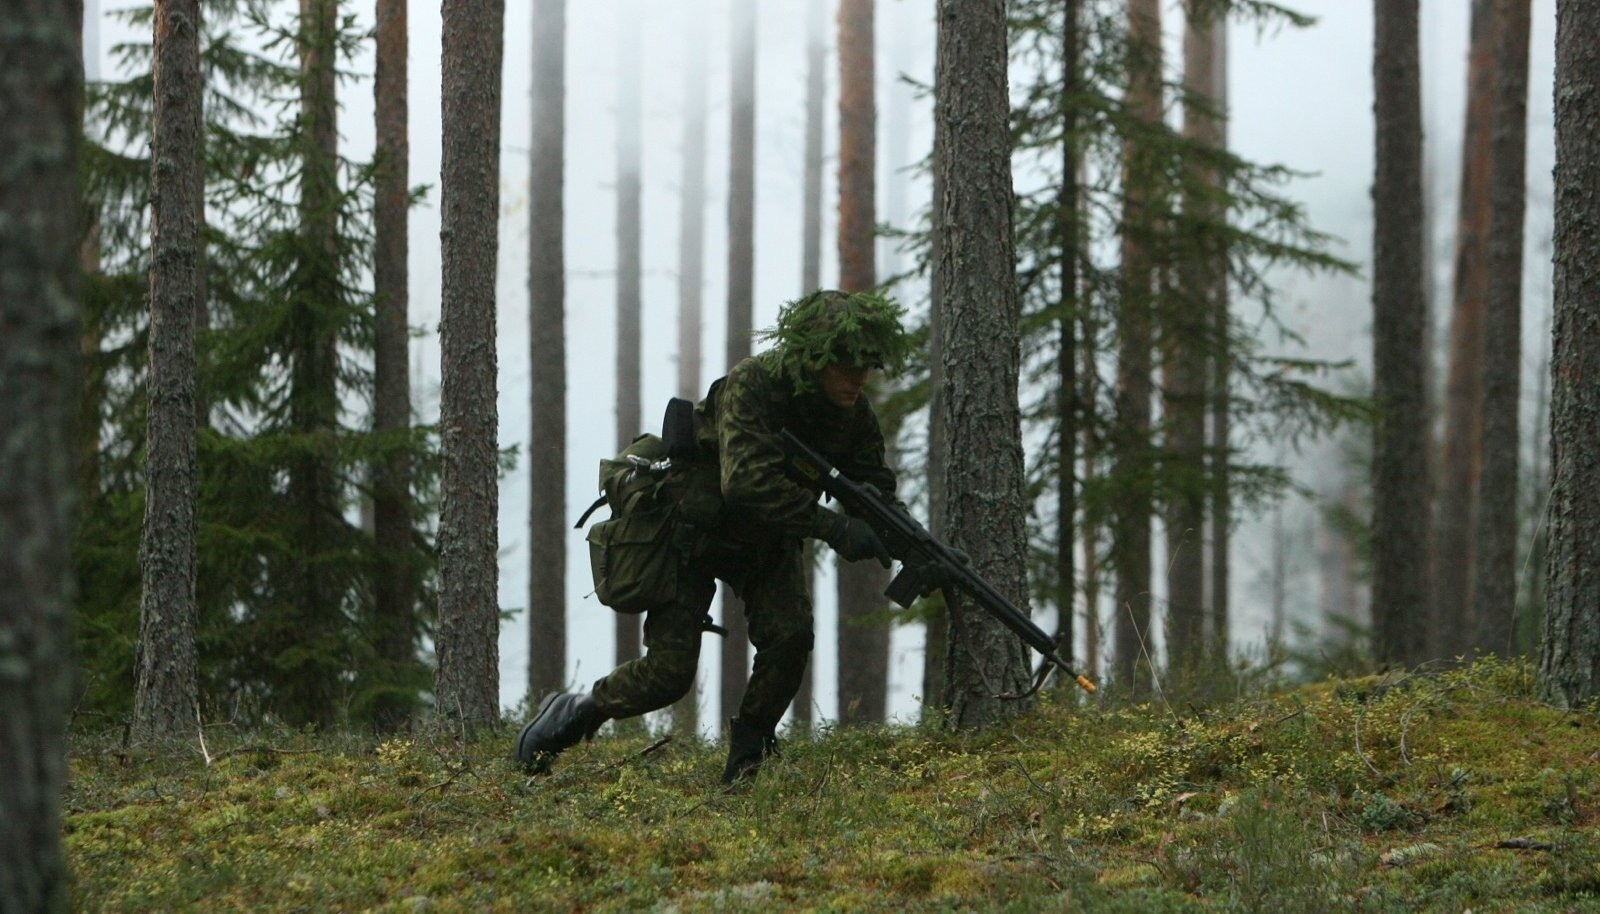 Isegi kui metsasõdalane on end maskeerinud õilsate ideedega, on selle all siiski lihtne soov ellu jääda.